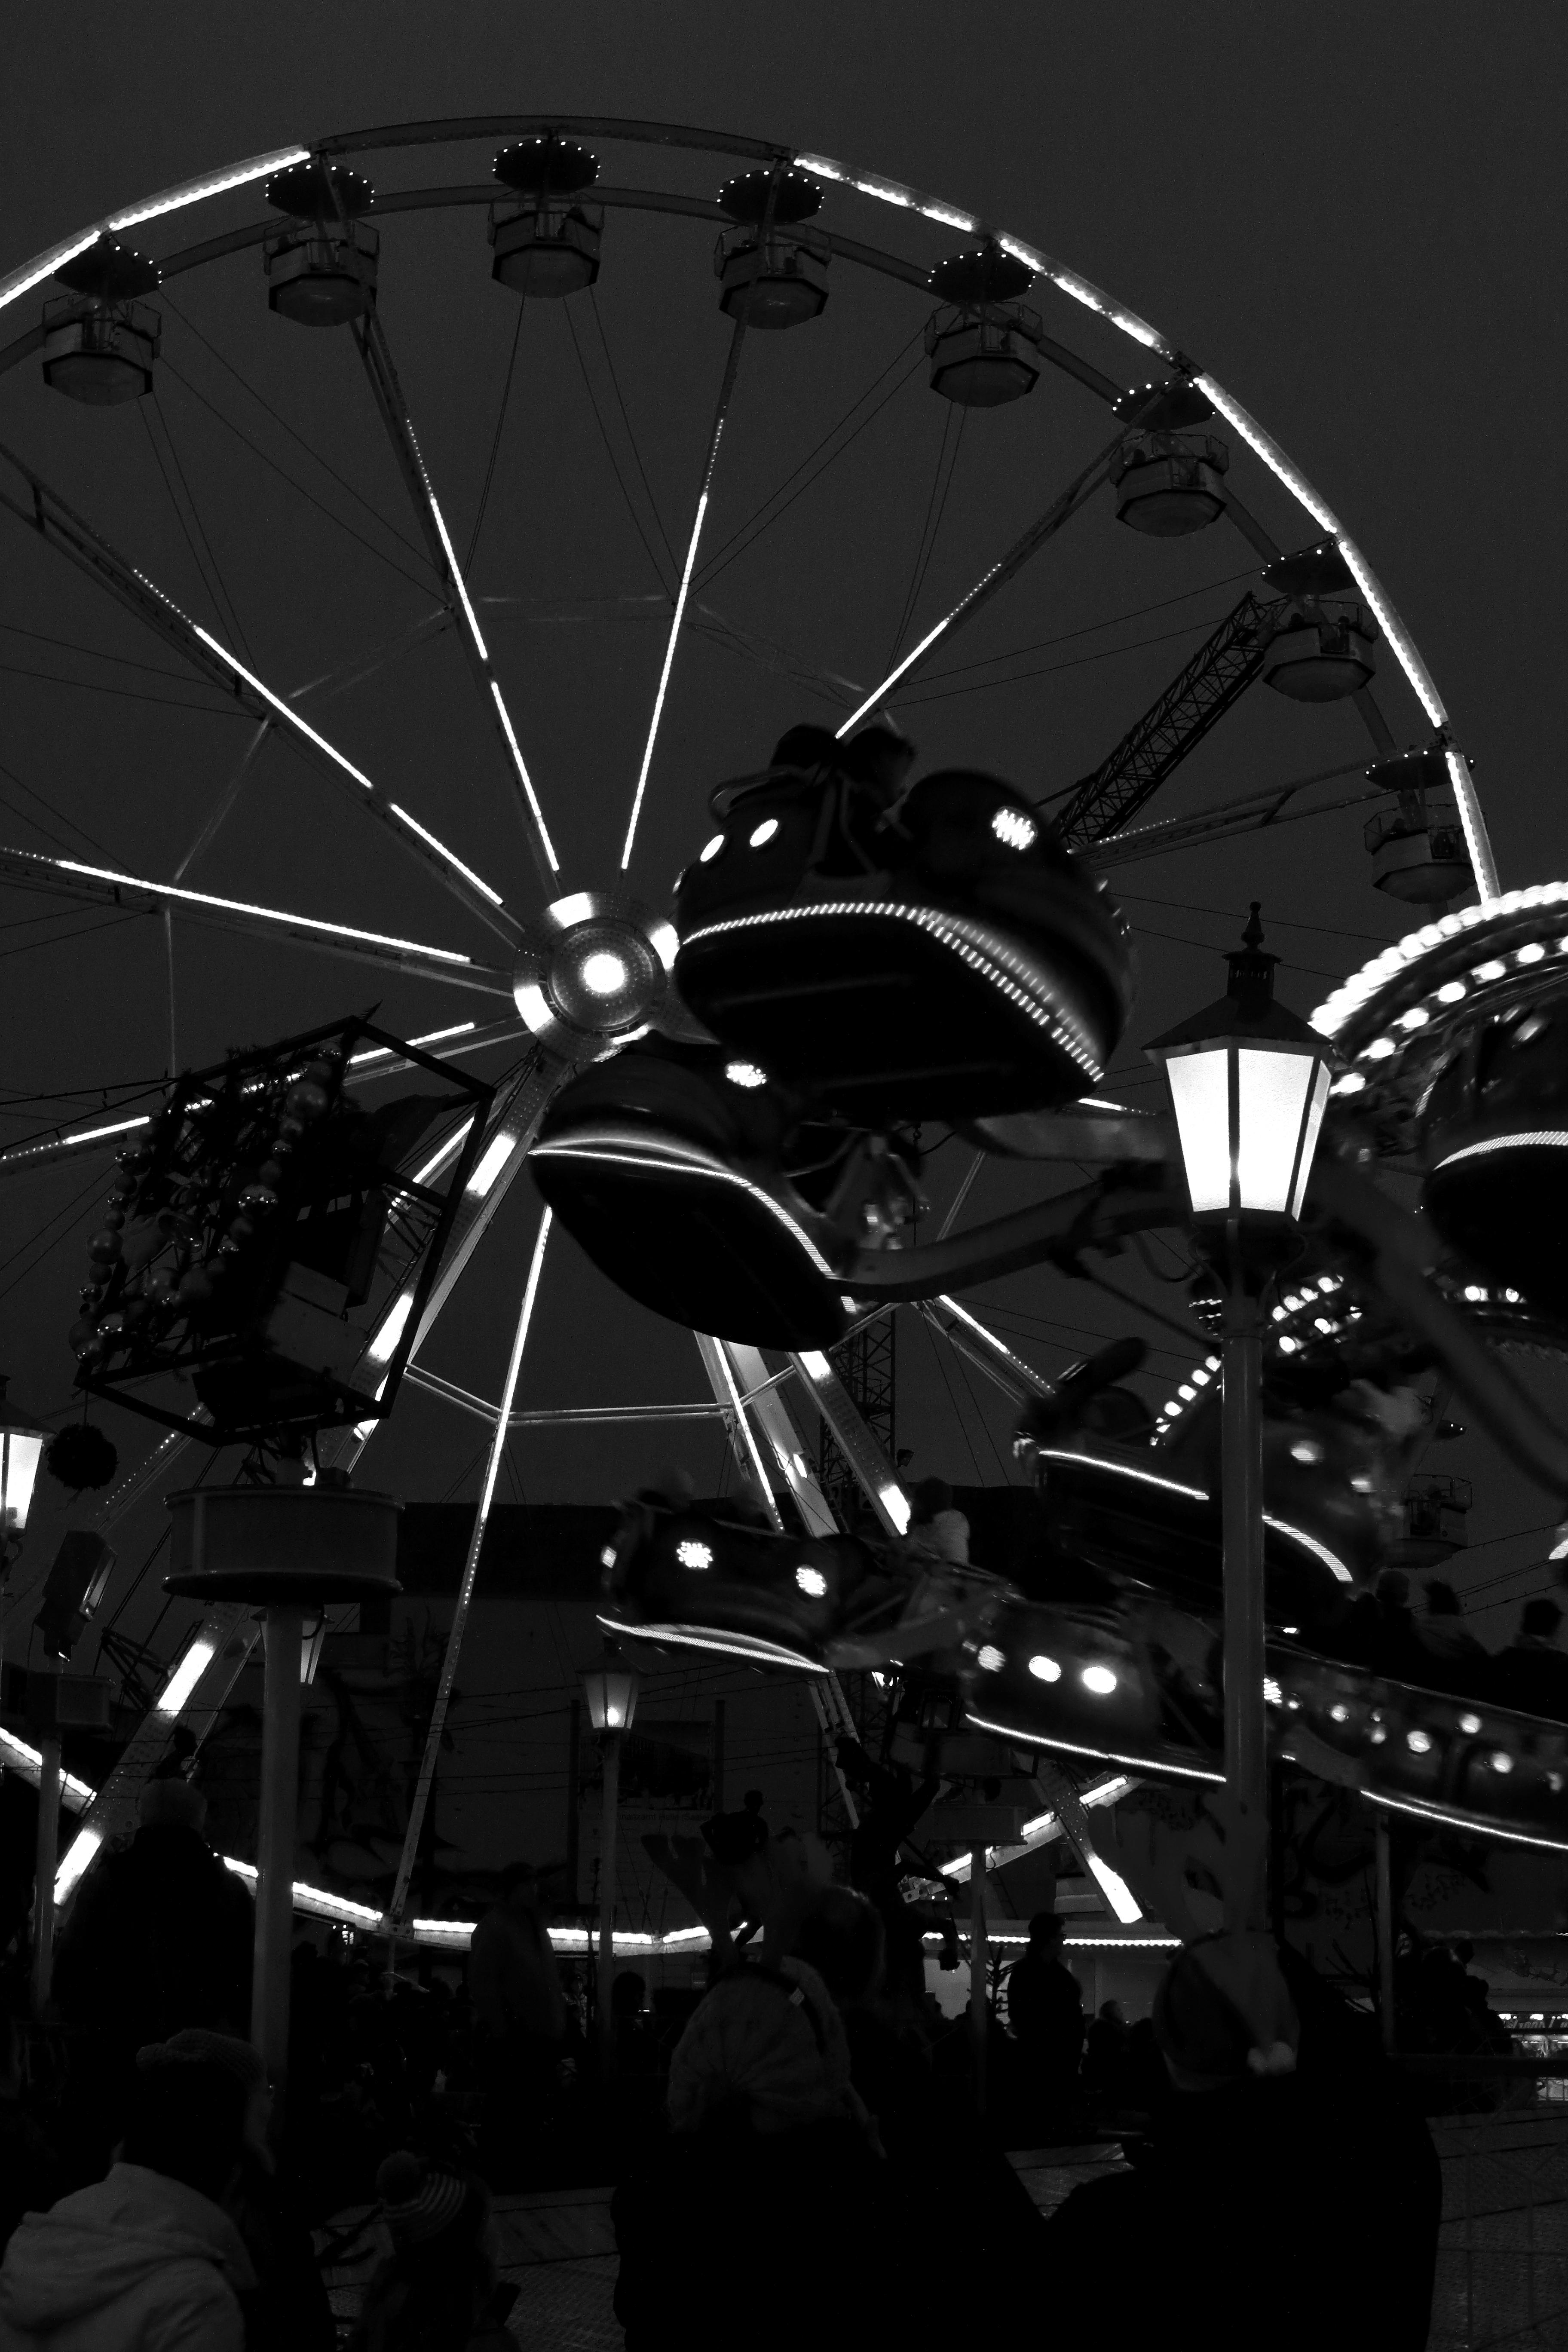 Bilder Weihnachten Kostenlos Schwarz Weiß.Kostenlose Foto Licht Schwarz Und Weiß Nacht Rad Riesenrad